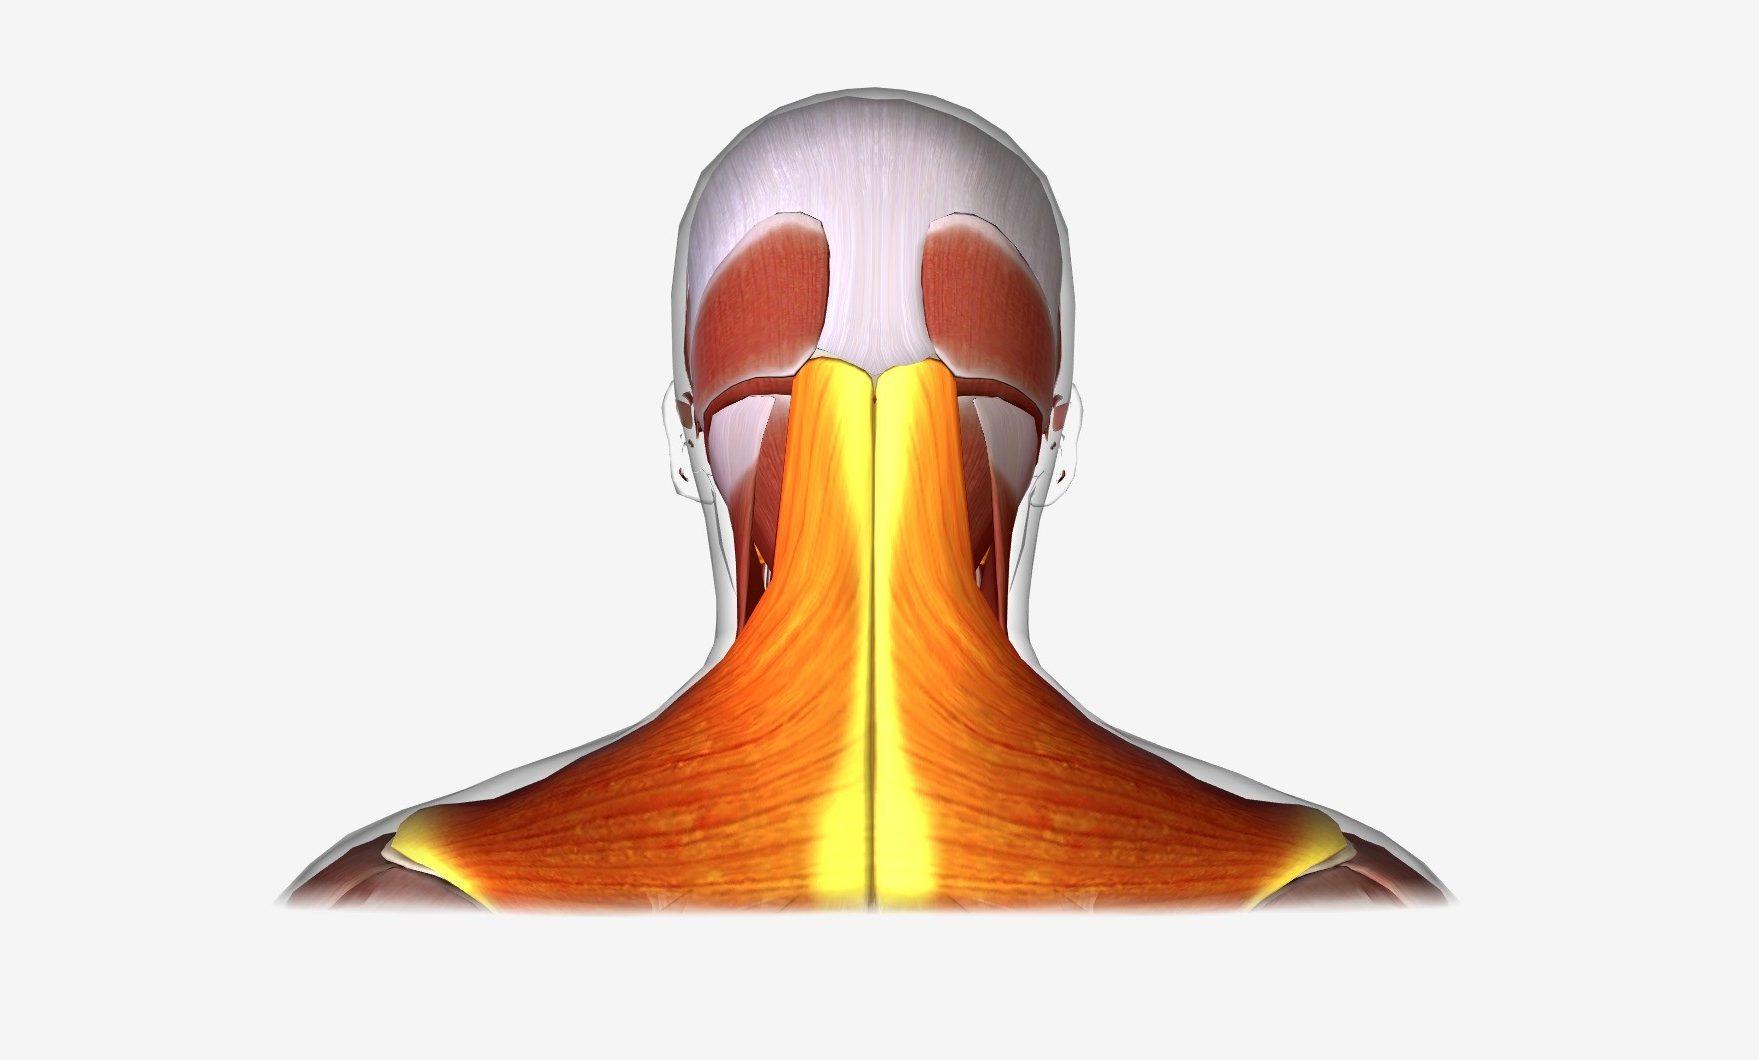 נקודות לחיצה להקלה על כאב בטרפז (רום השכמה)